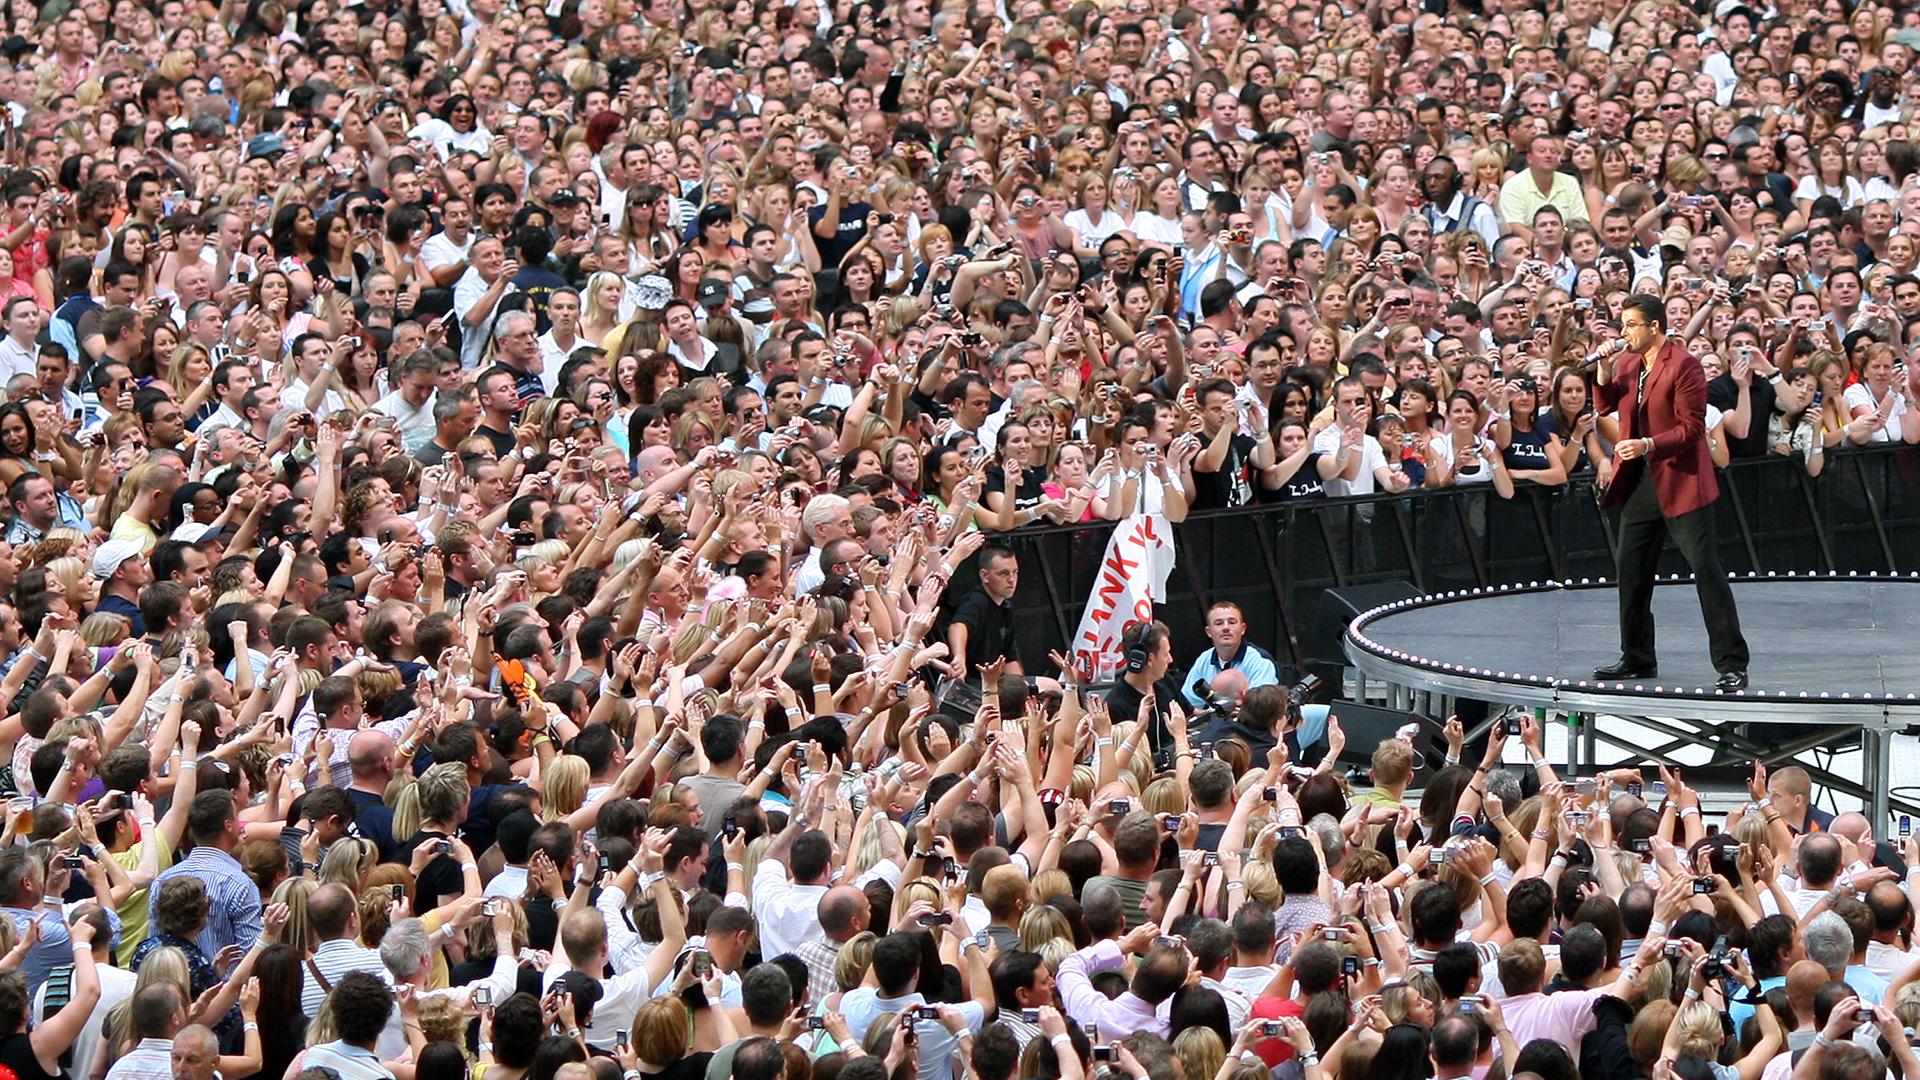 Concierto de George Michael en el mítico estadio de Wembley, en Londres, en 2007 (AFP)